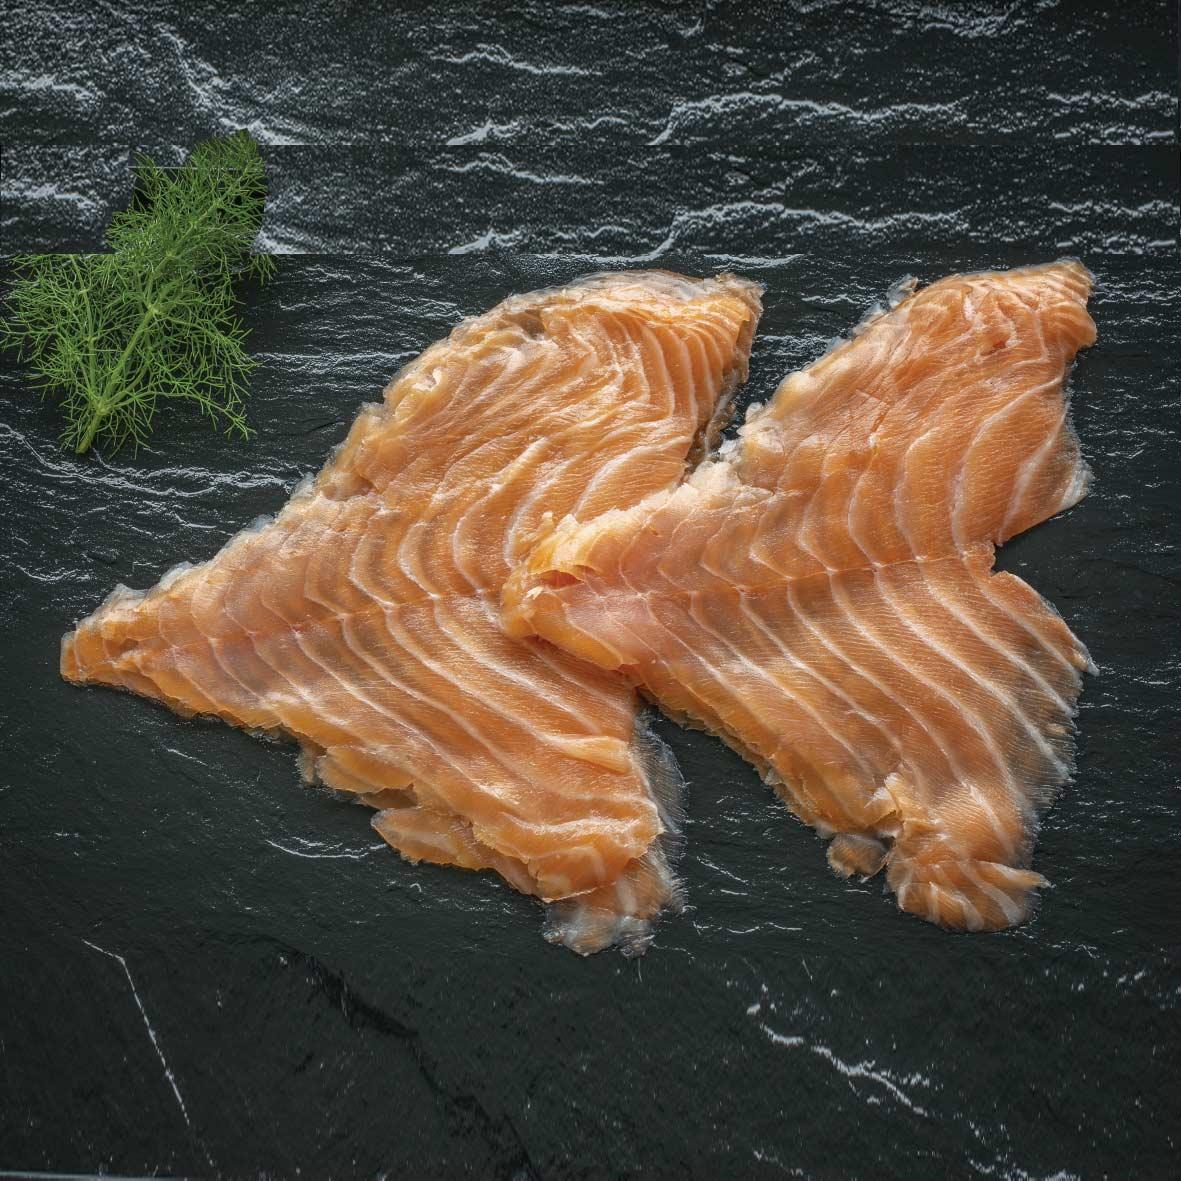 Le Fumoir de Saint-Cast vous présente ses produits d'épicerie fine salés : Saumon fumé